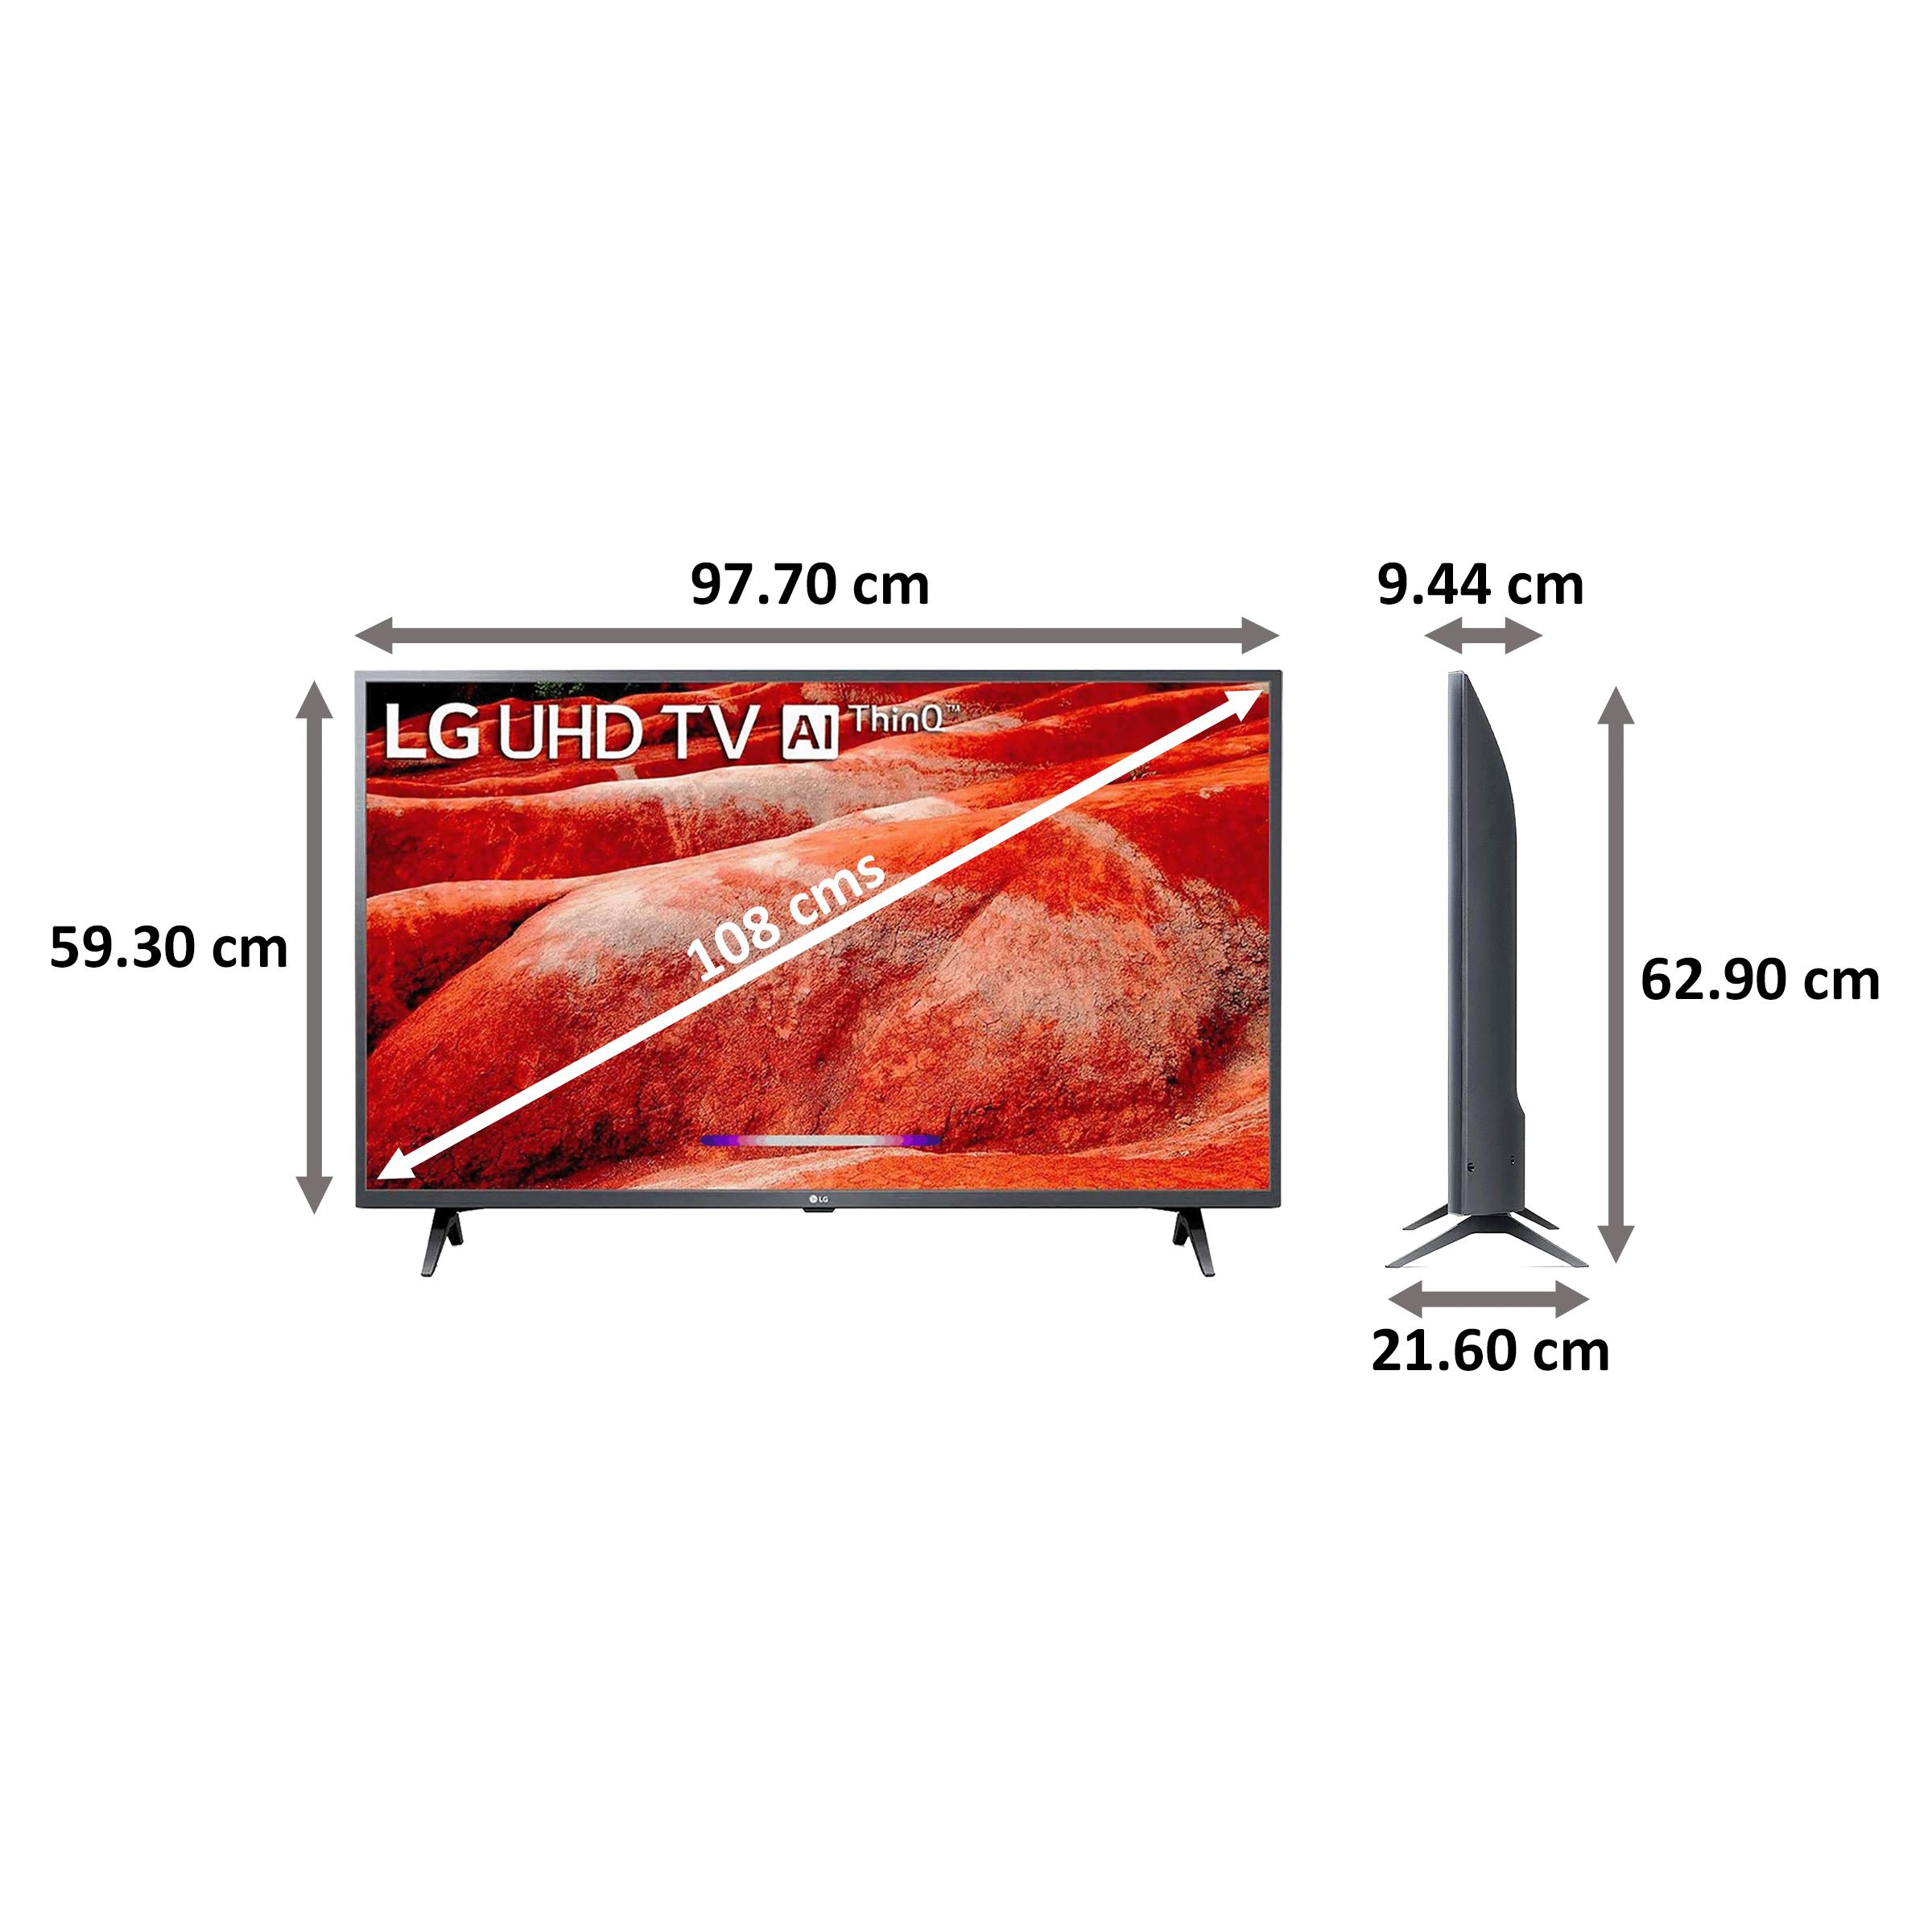 LG 108cm (43 Inch) 4K Ultra HD LED Smart TV (Google Assistant, 43UM7780, Ceramic Black) 2